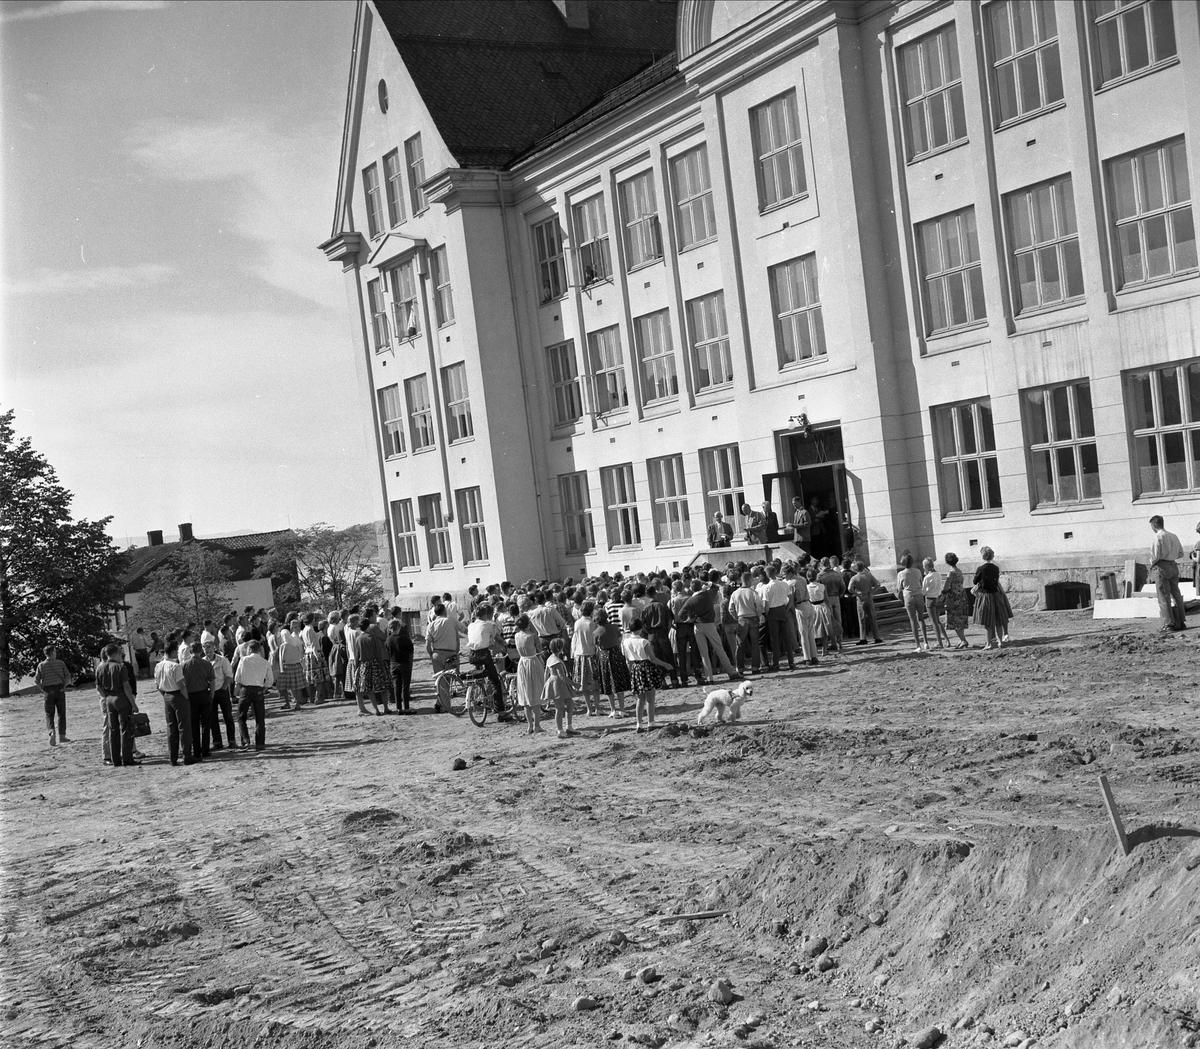 HAMAR KATEDRALSKOLE, FØRSTE SKOLEDAG SKOLEÅRET 1959-1960. 18-8-1959. REKTOR HENRY DØRUM LESER OPP NAVN OG KLASSEINNDELING.